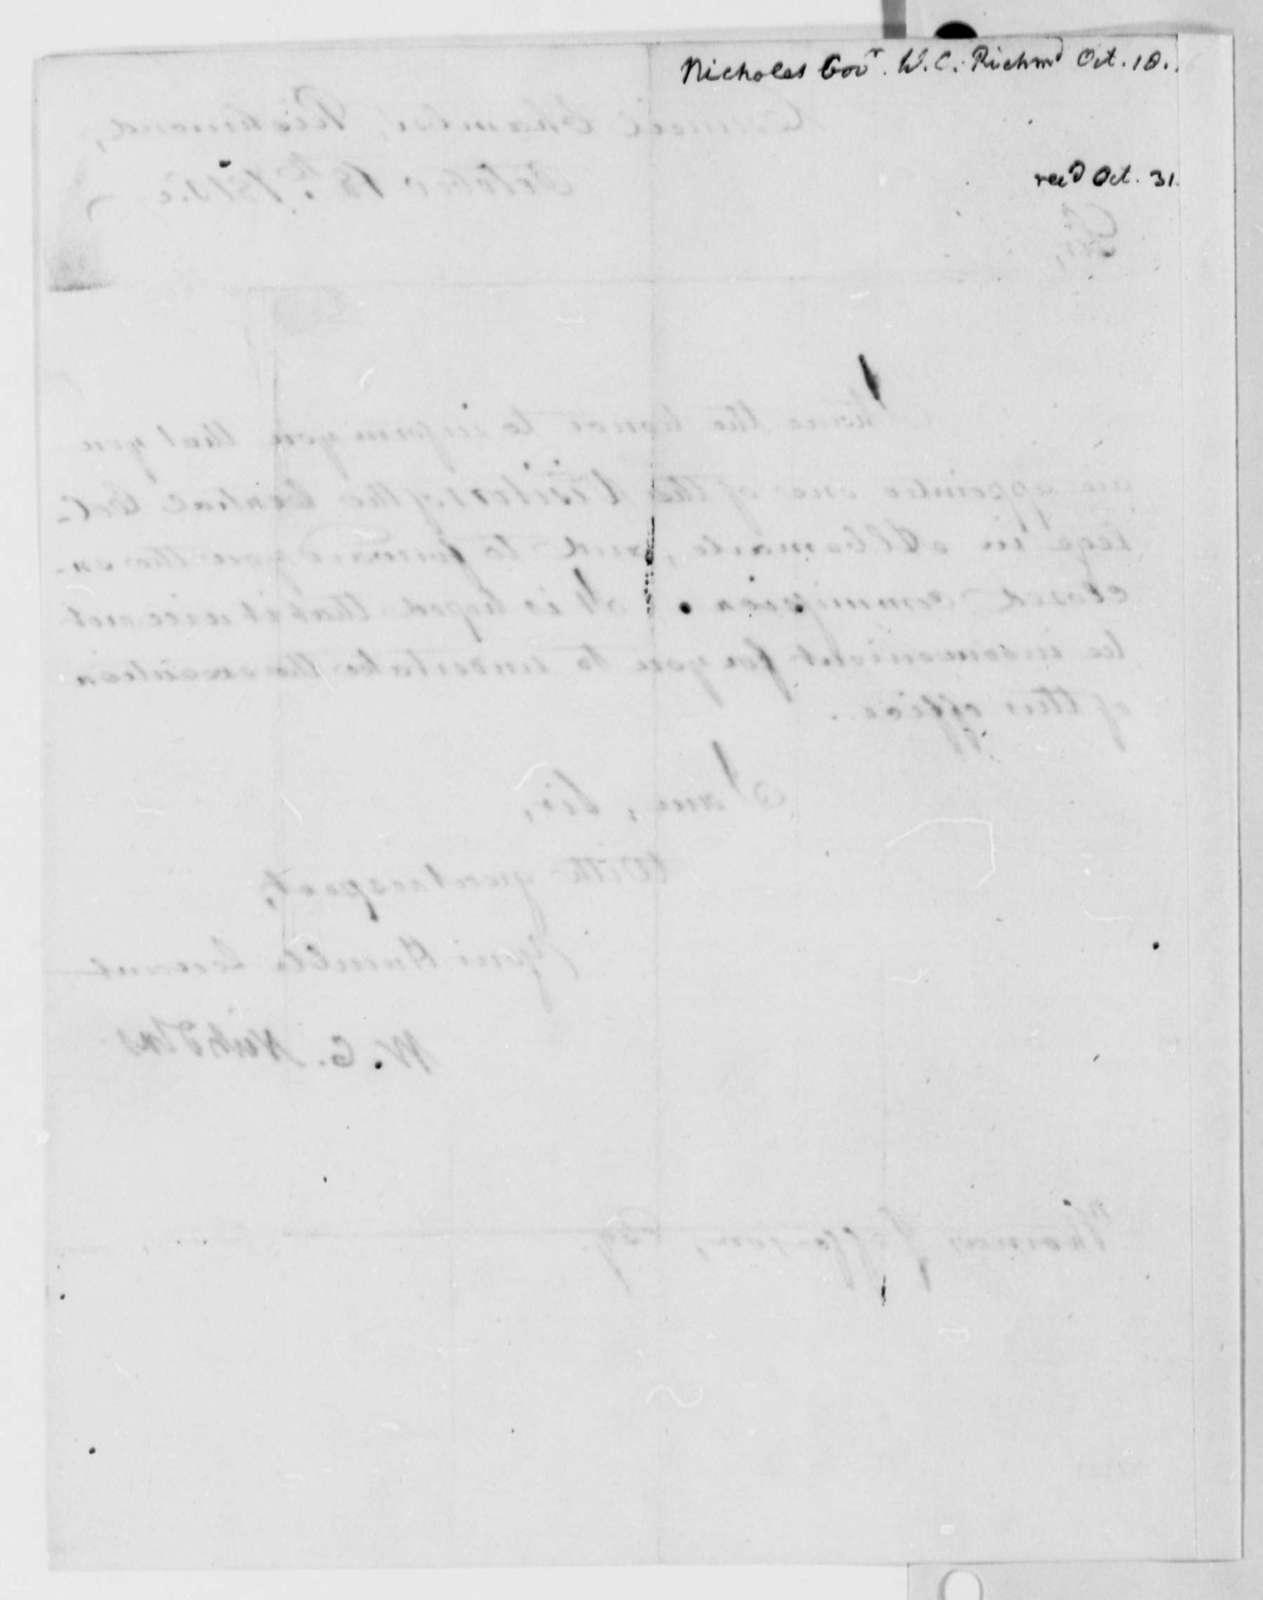 Wilson Cary Nicholas to Thomas Jefferson, October 18, 1816